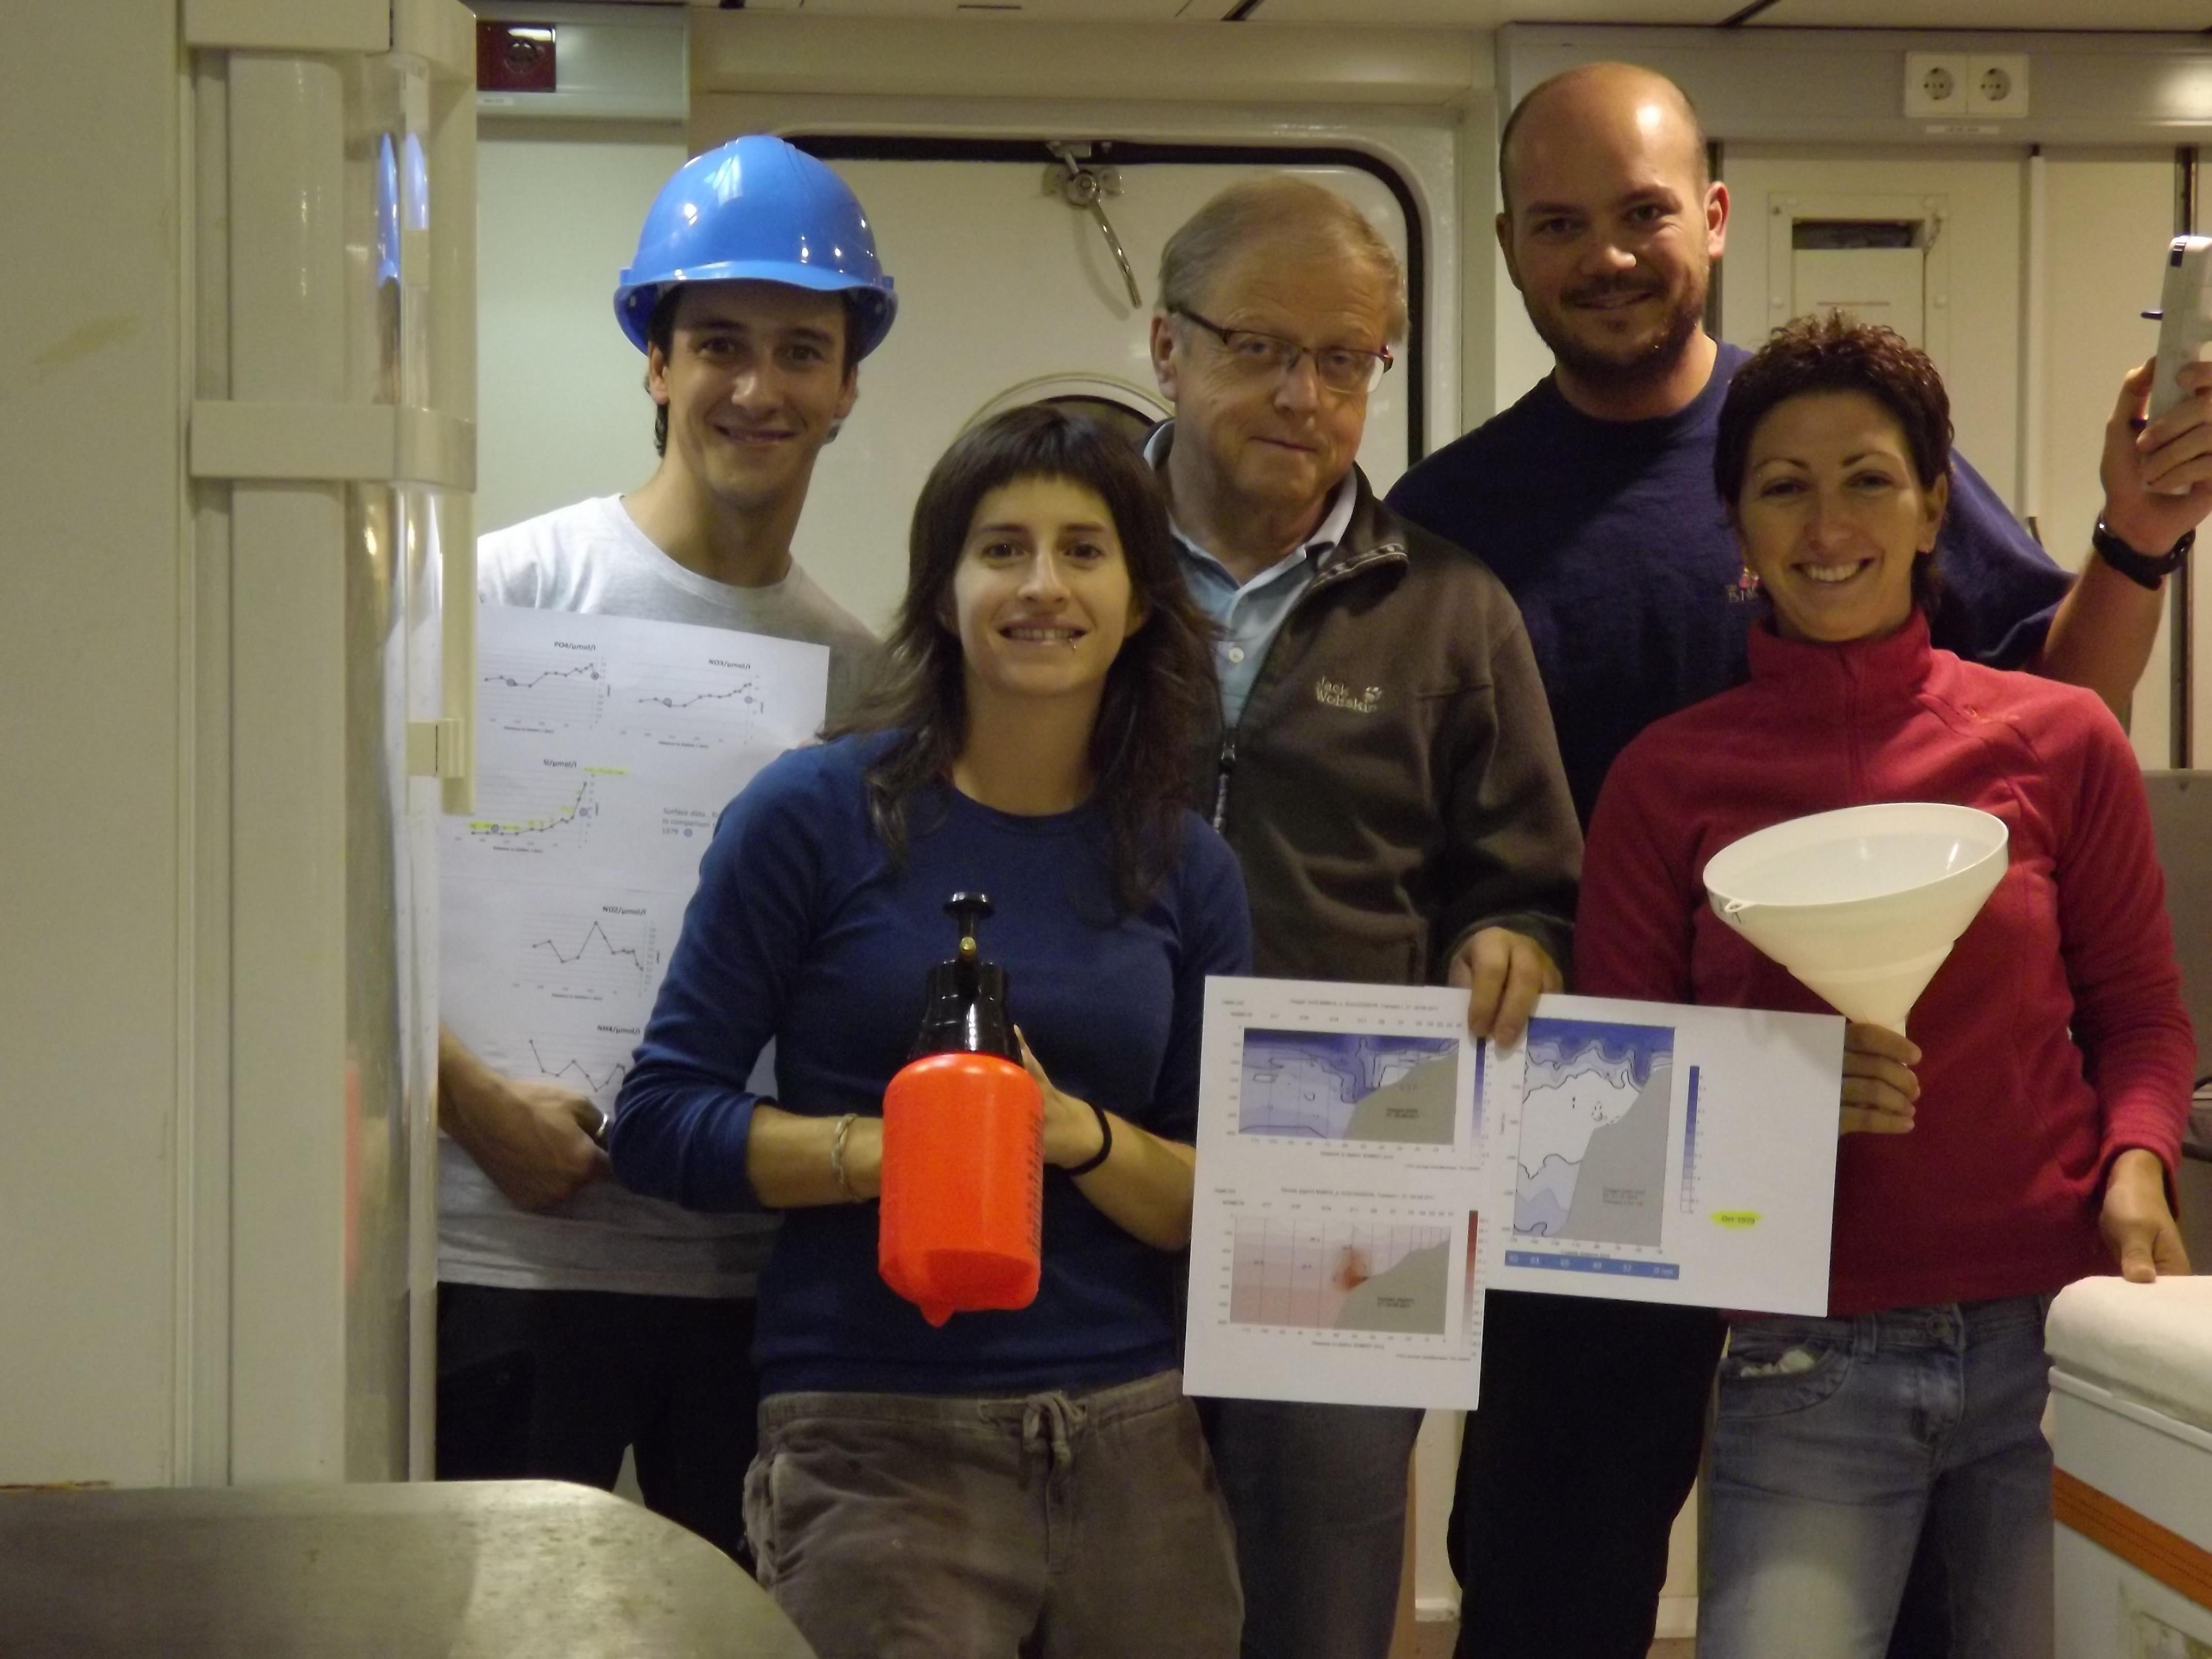 De izquierda a derecha Igor Fernández, Yeray Santana, Gara Franchy y Alicia Herrera